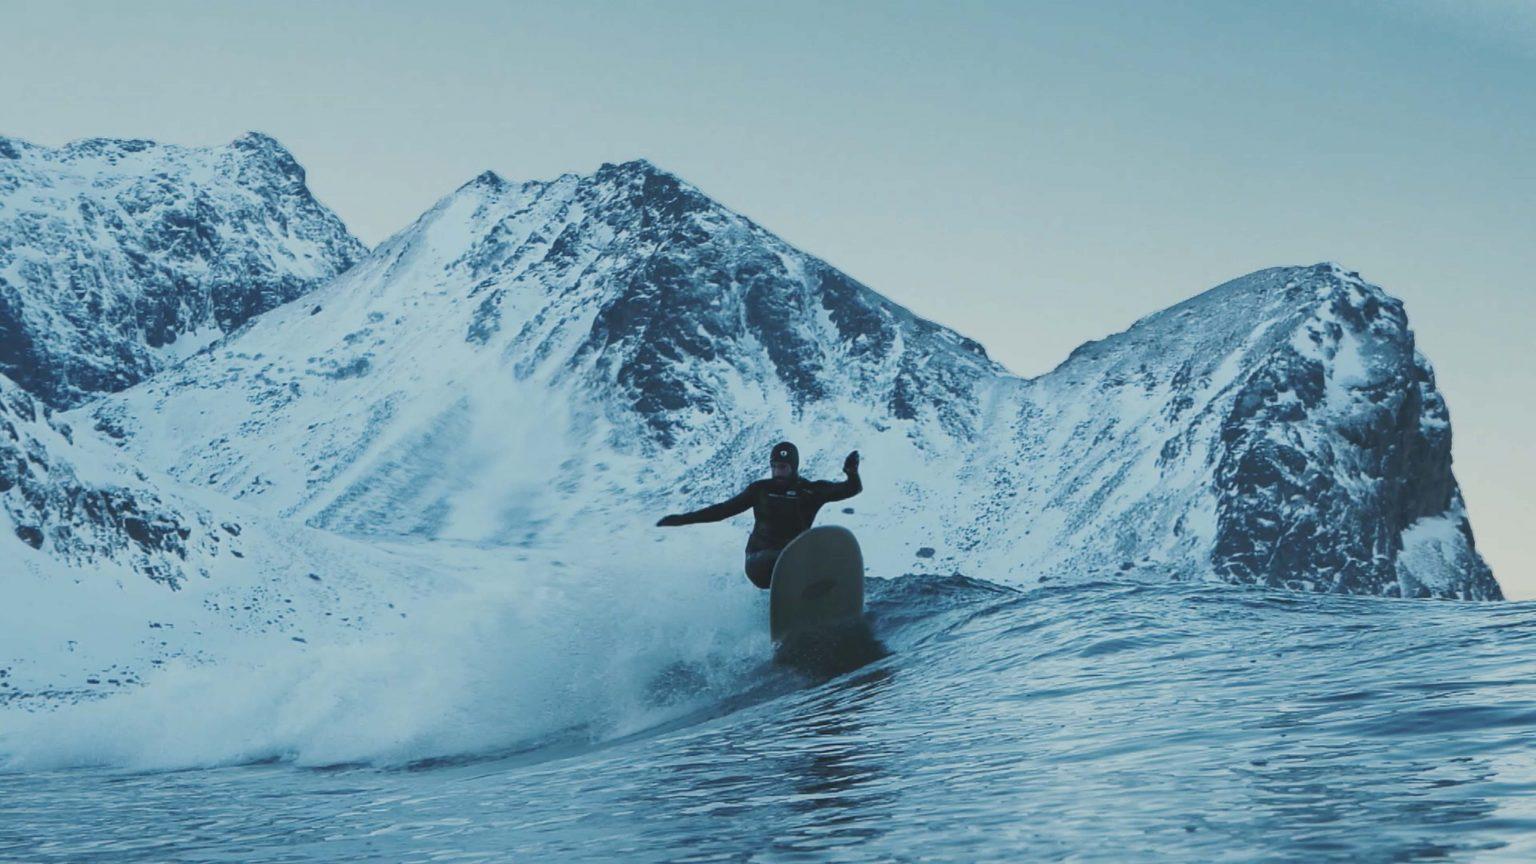 lofoten-surf-damien-castera-pierre-frechou-outdoor-cameraman